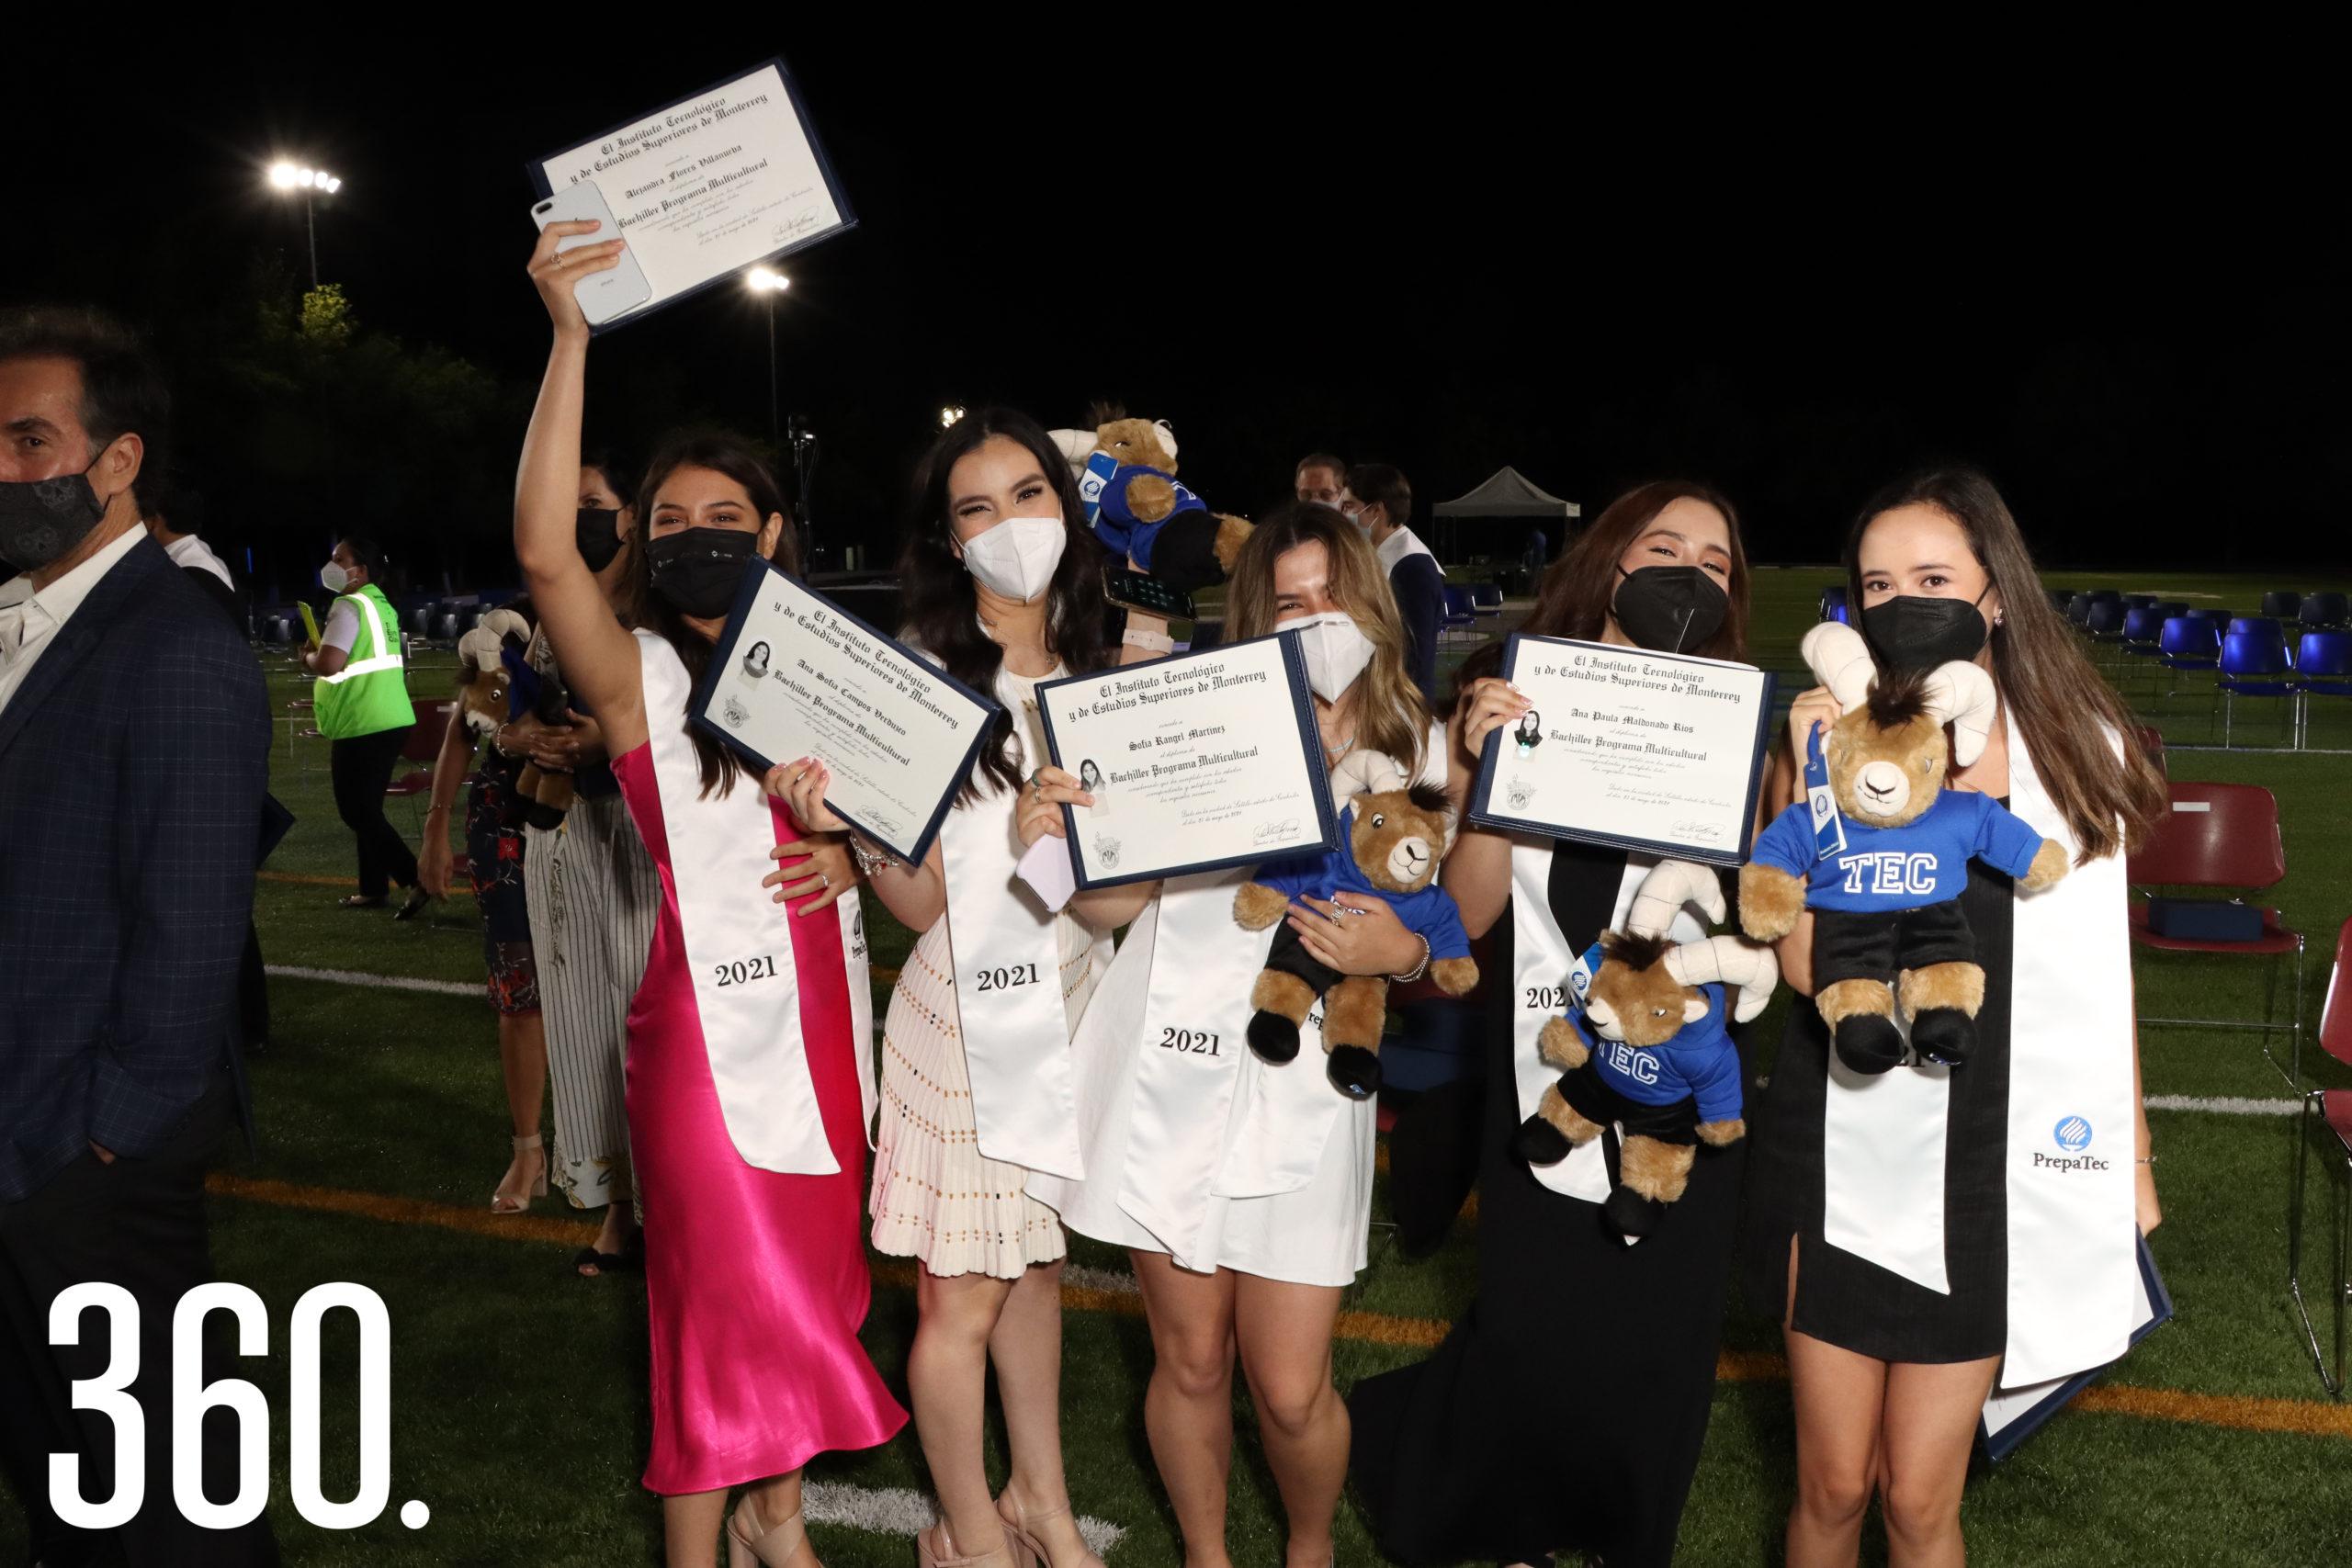 Alejandra Flores, Ana Sofía Campos, Sofía Rángel, Ana Paula Maldonado y Bonny Rivera Rodríguez festejaron su graduación.